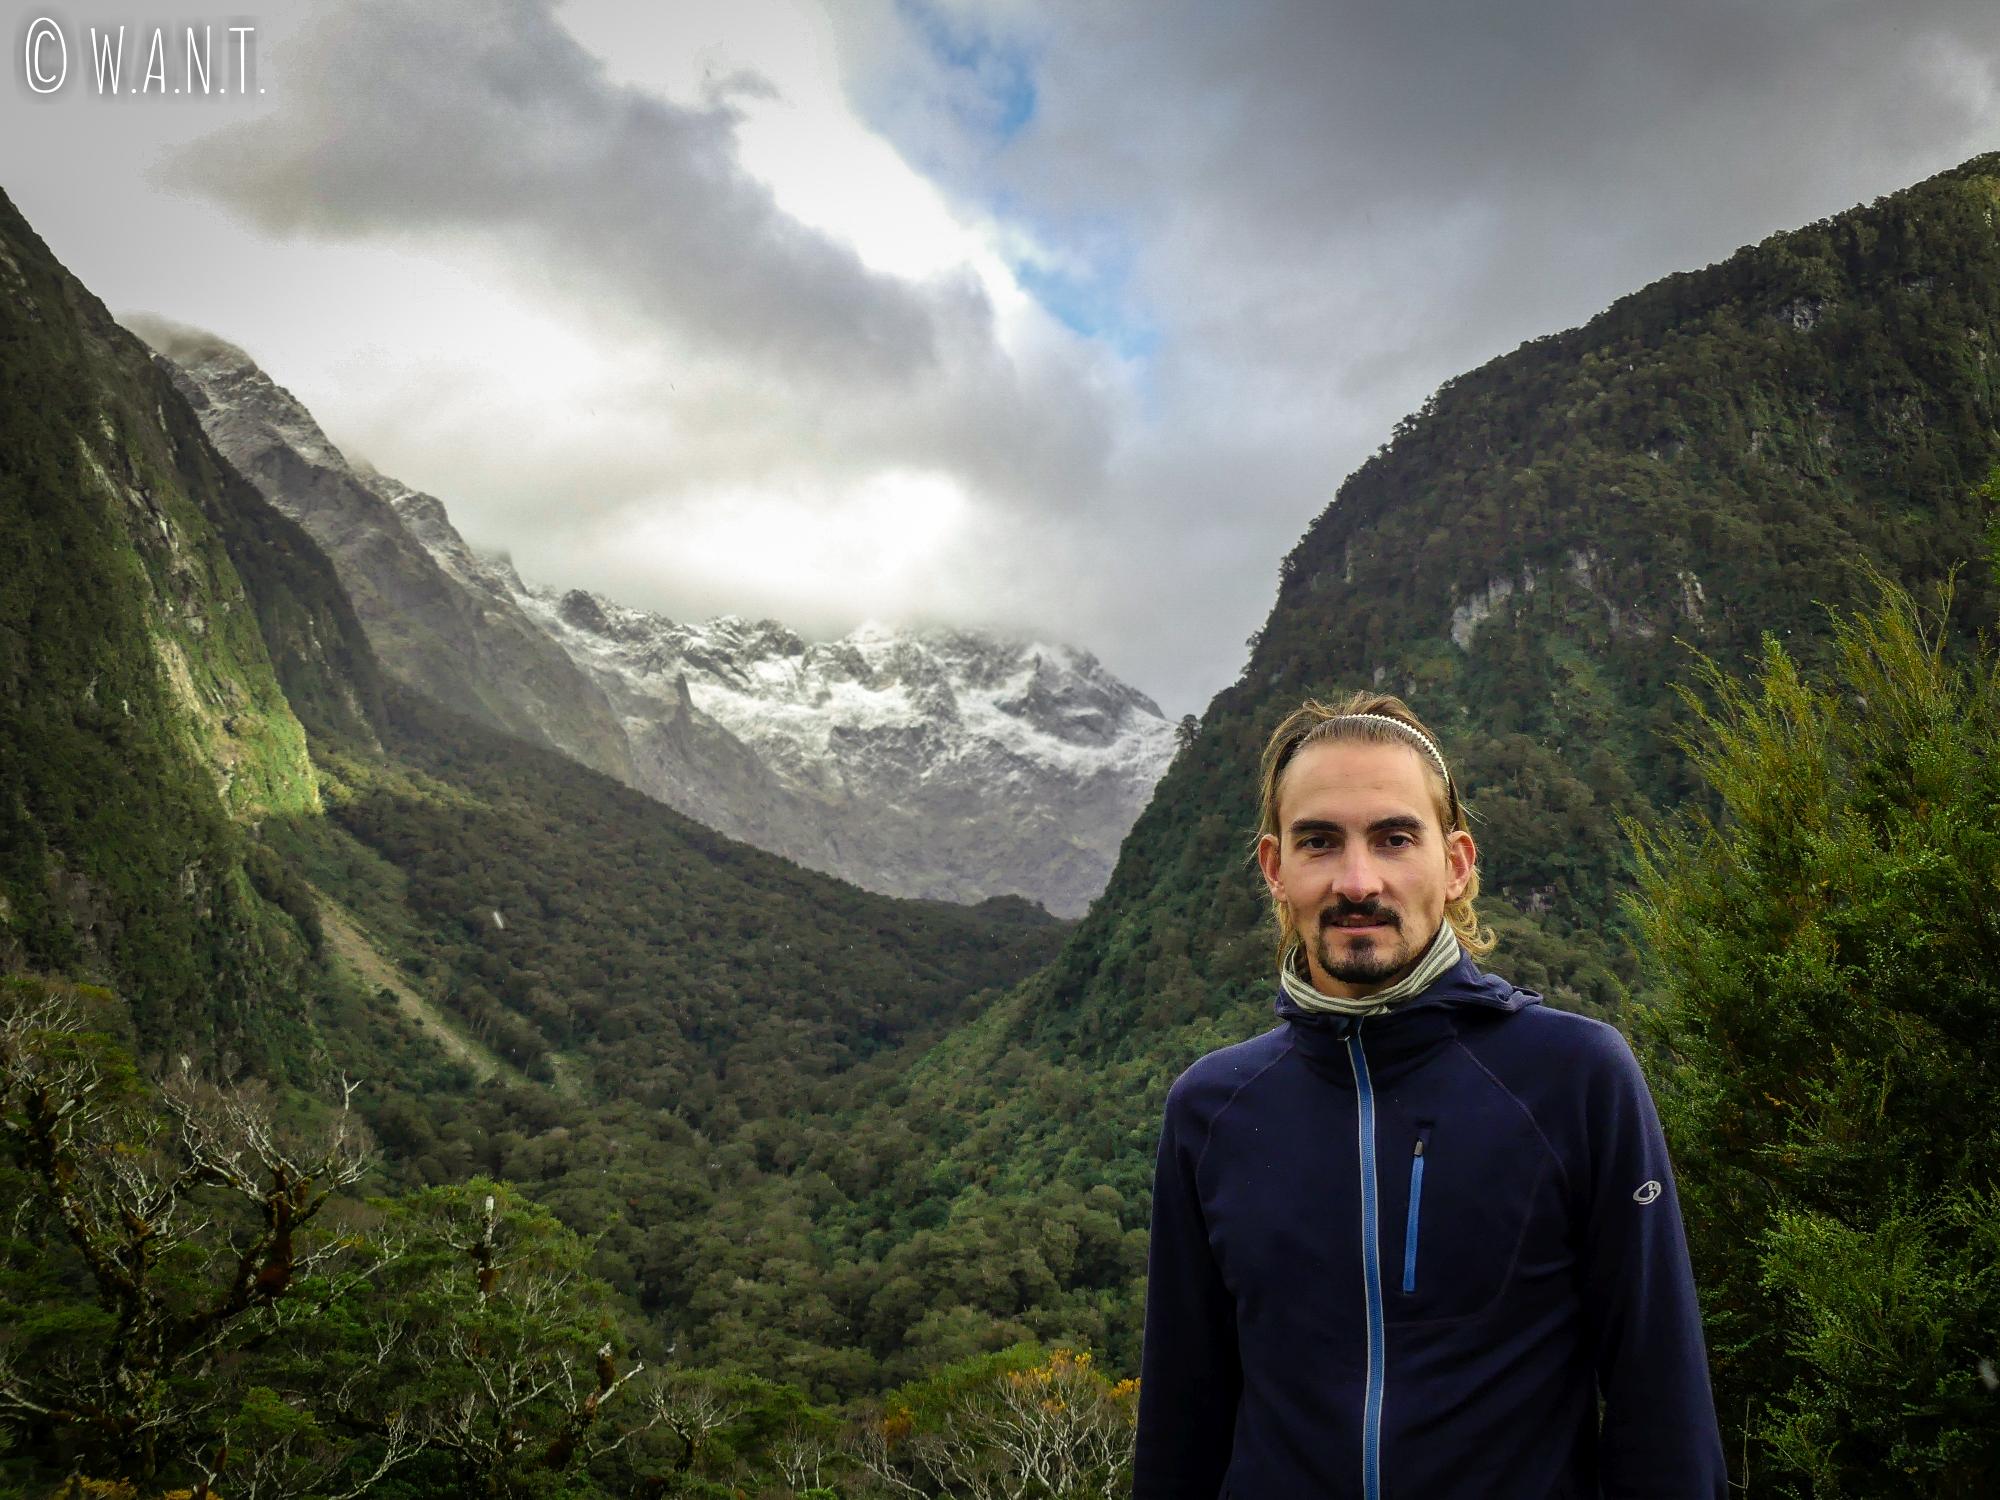 Portrait de Benjamin sur la route de Milford Sound en Nouvelle-Zélande